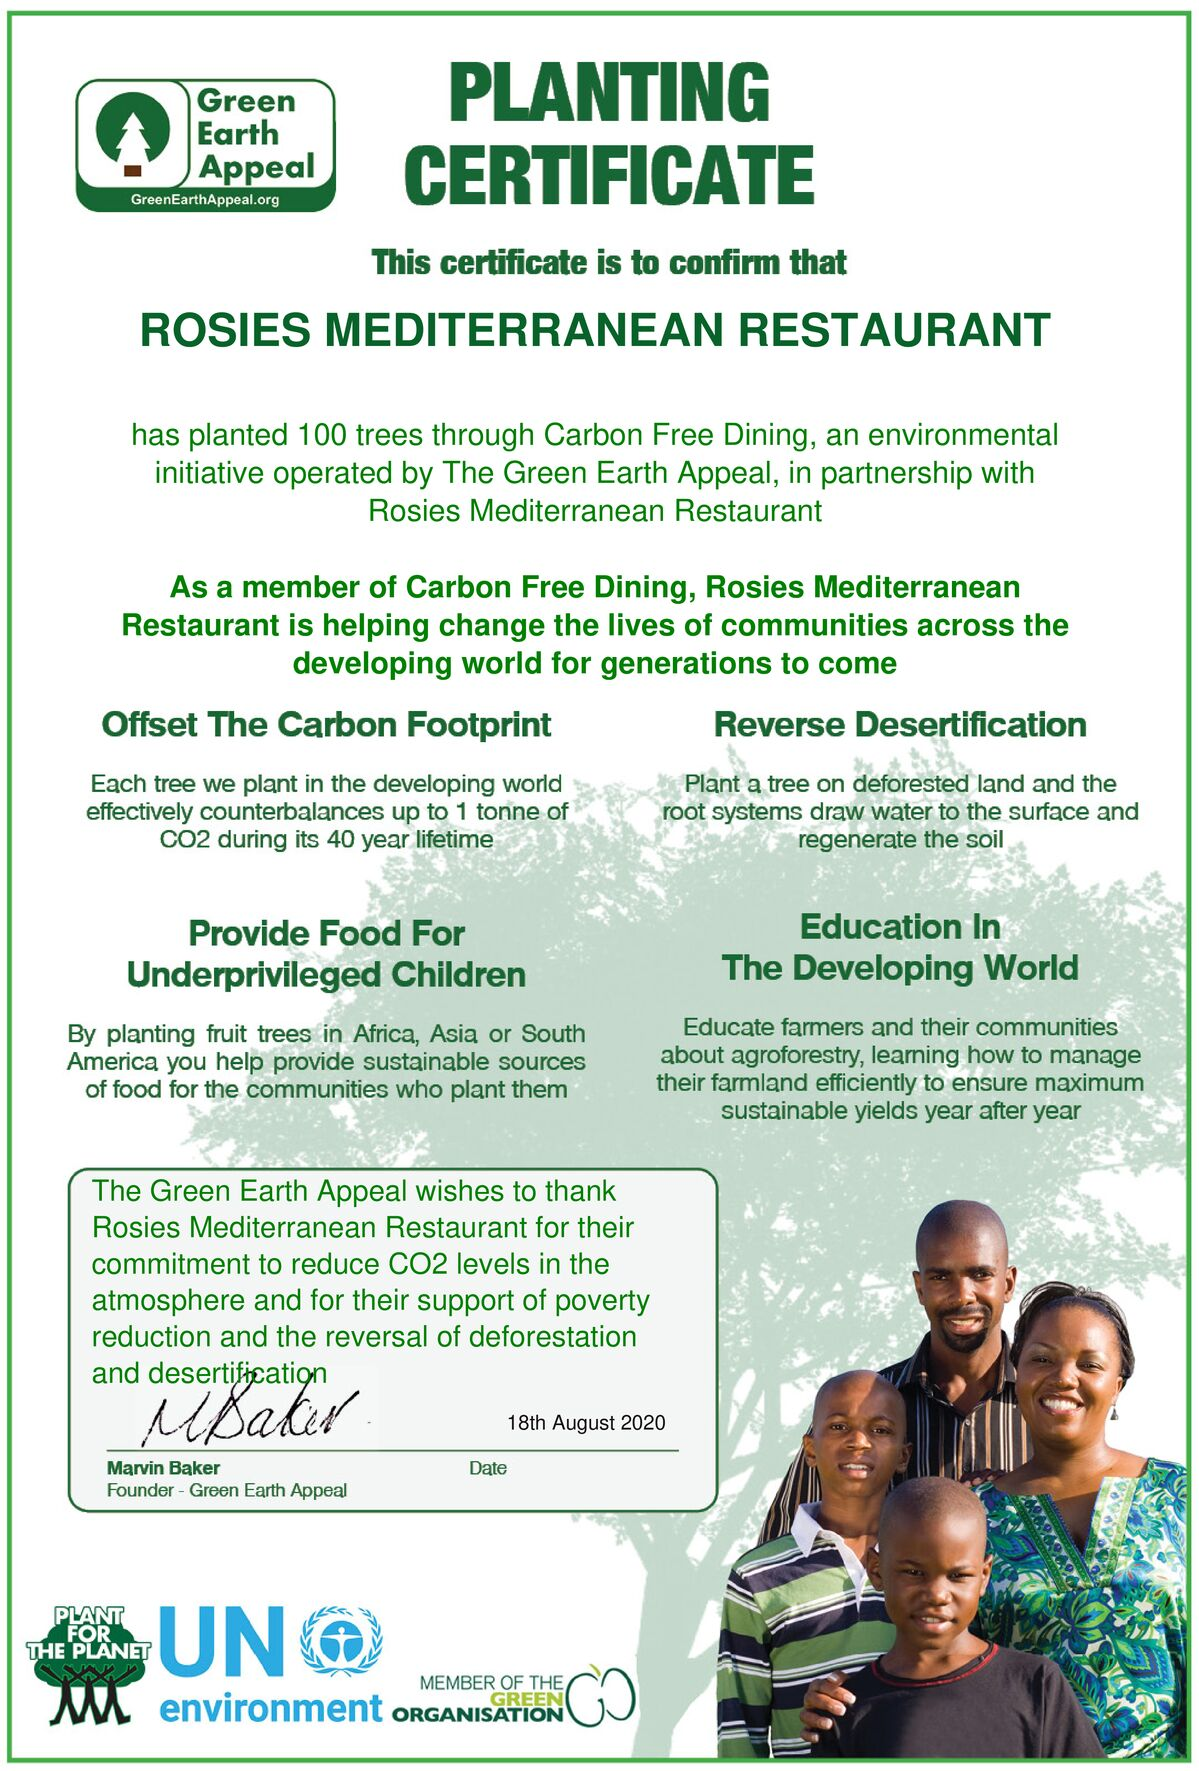 Rosie's Mediterranean